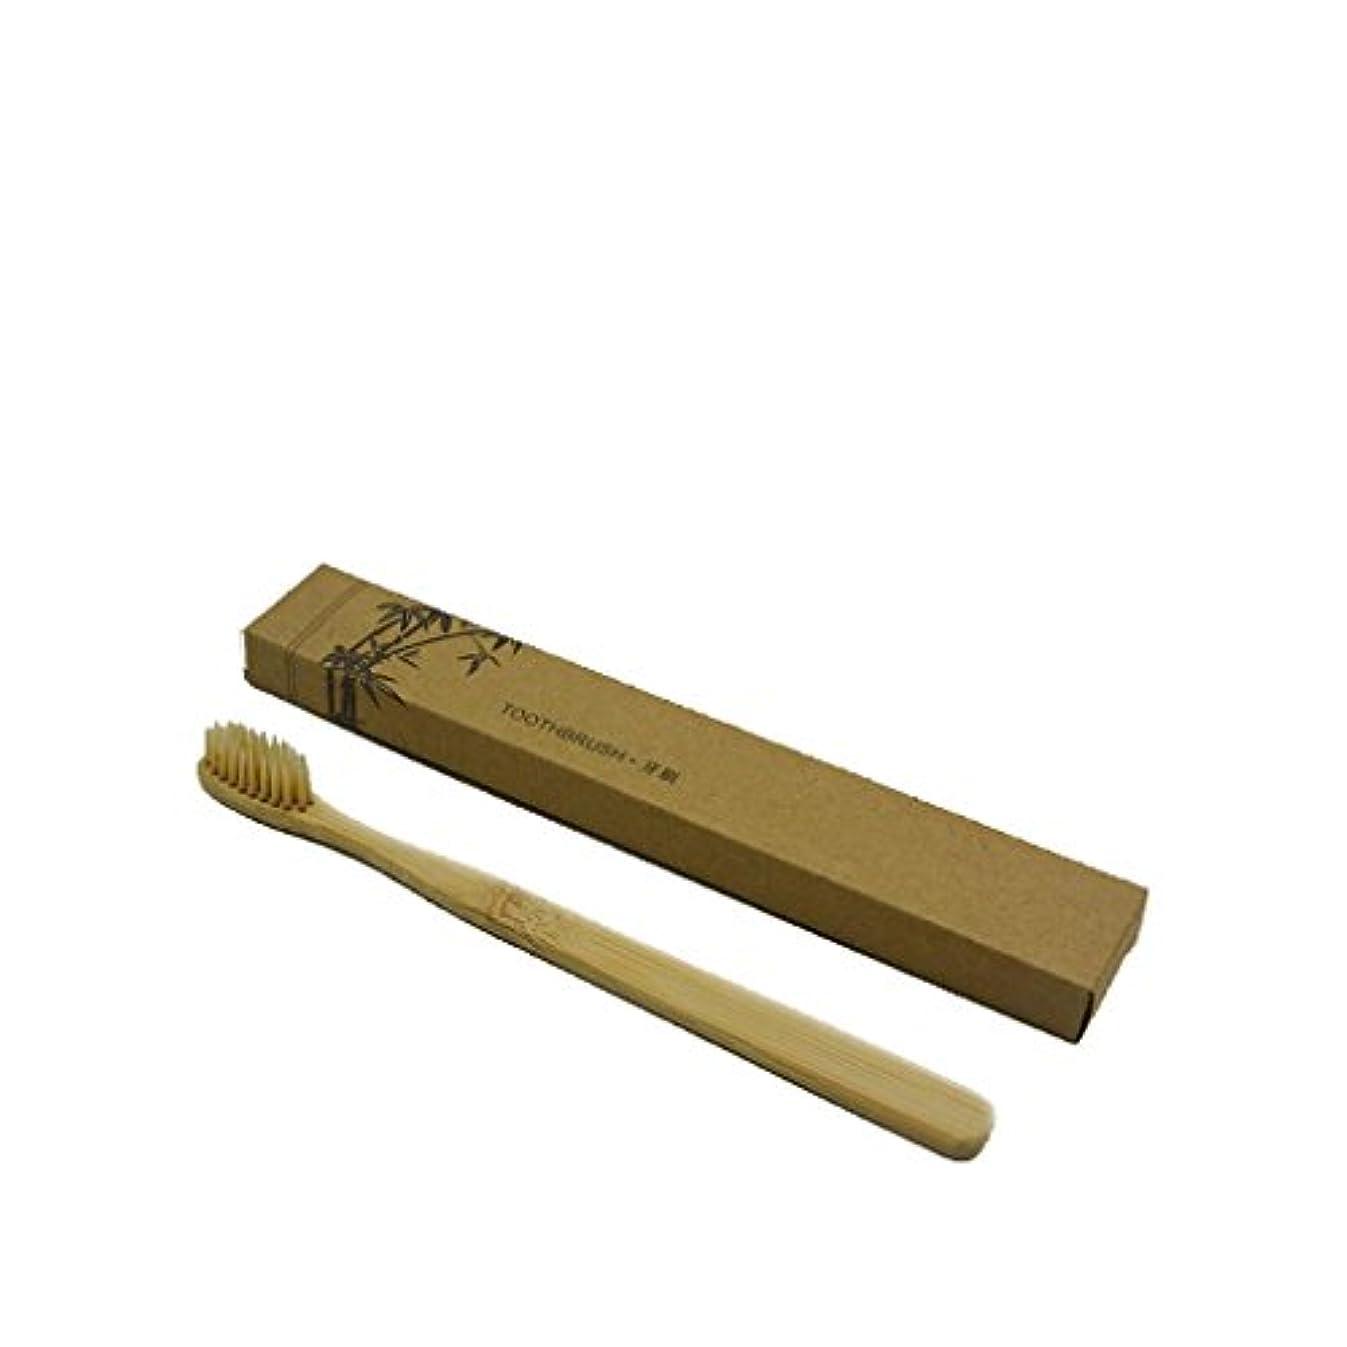 累積ウナギ素晴らしさNerhaily 竹製歯ブラシ ミディアム及びソフト、生分解性、ビーガン、バイオ、エコ、持続可能な木製ハンドル、ホワイトニング 歯 竹歯ブラシ